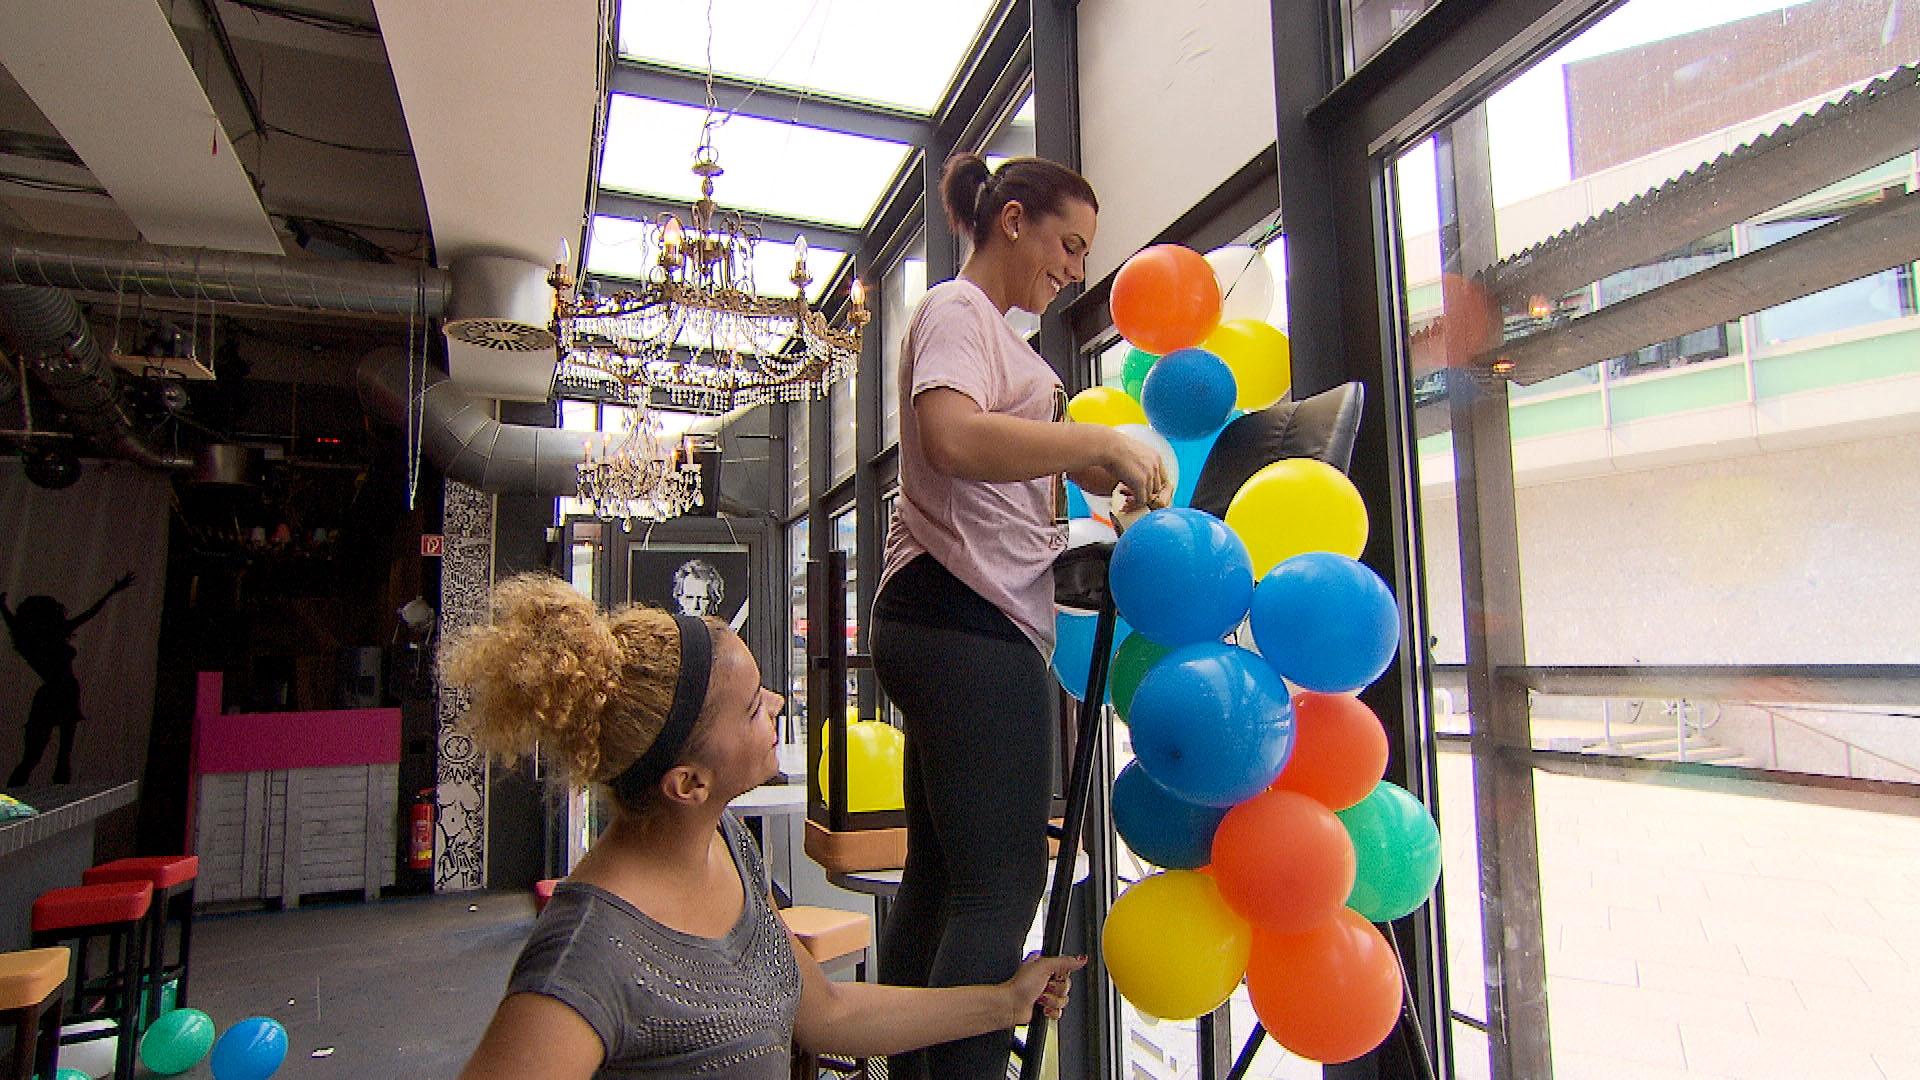 Sophia (oben) muss in der Kunstbar ausgerechnet im Dreiergespann mit Manu und Sam (unten) arbeiten. (Quelle: RTL 2)